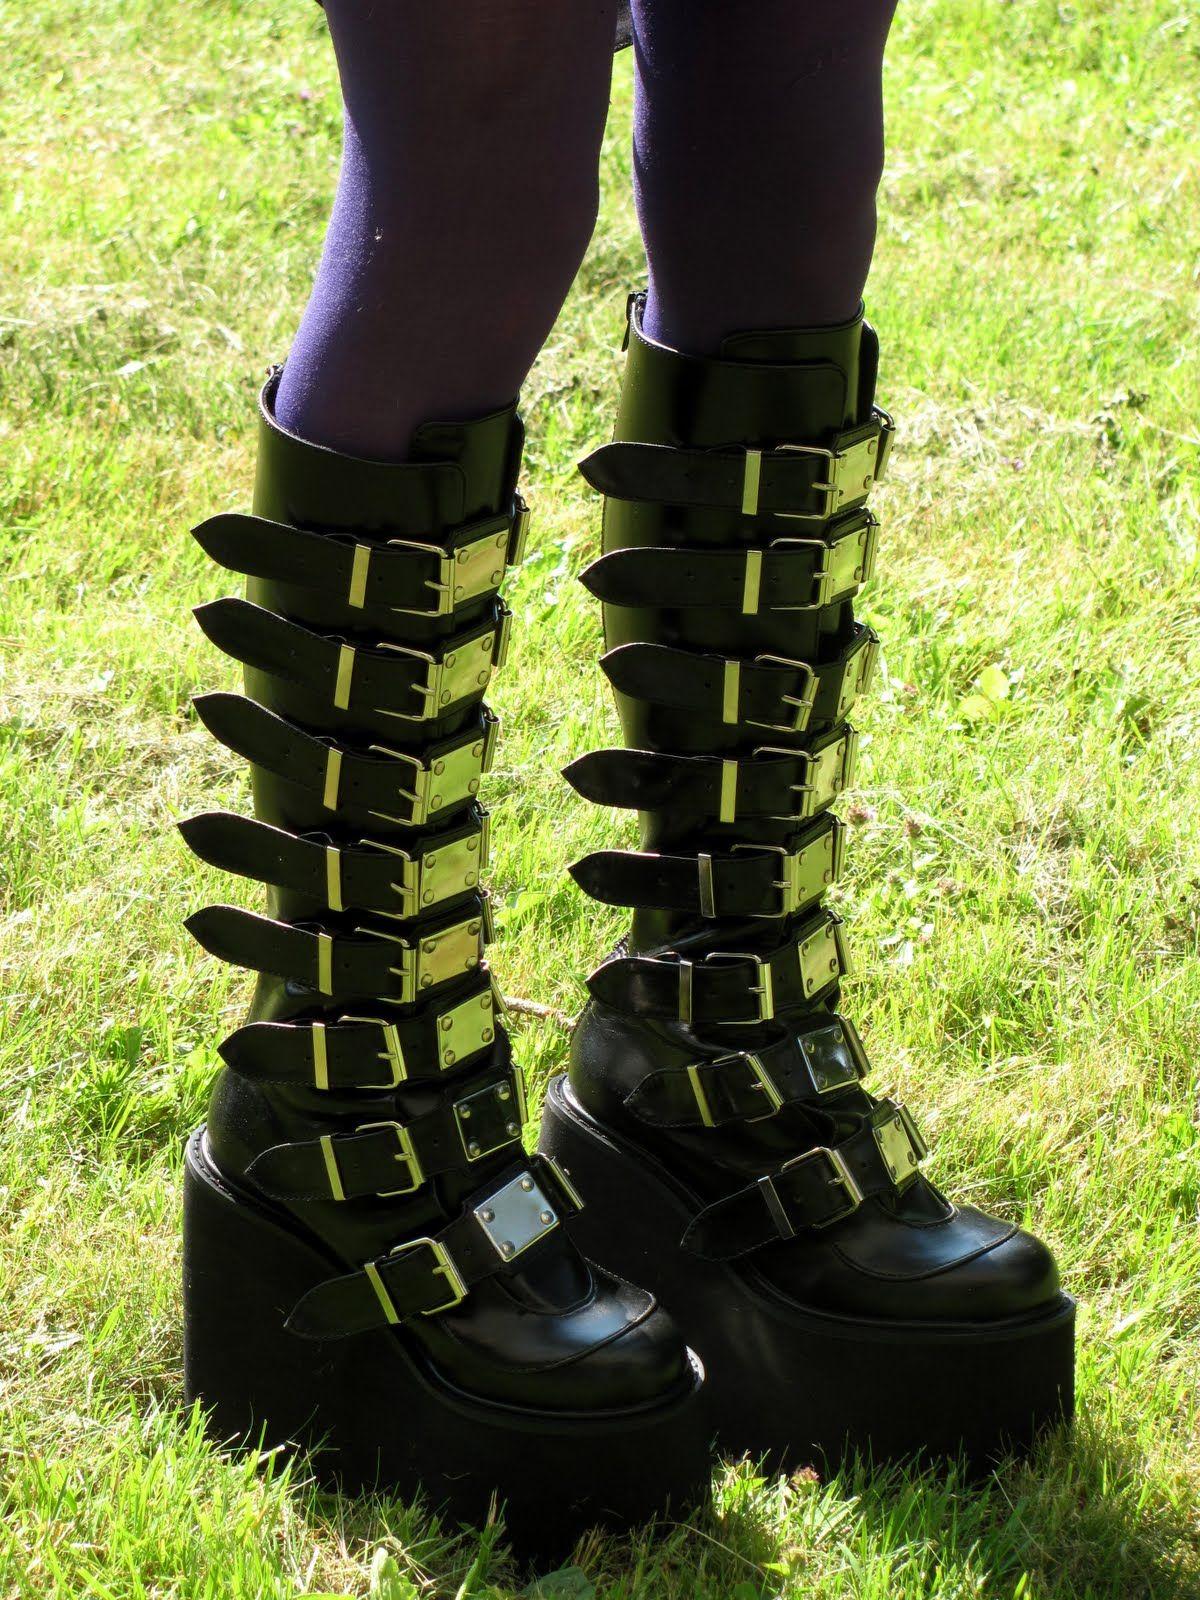 81ca1b8d3983 Demonia Swing 815 Boots - ✓